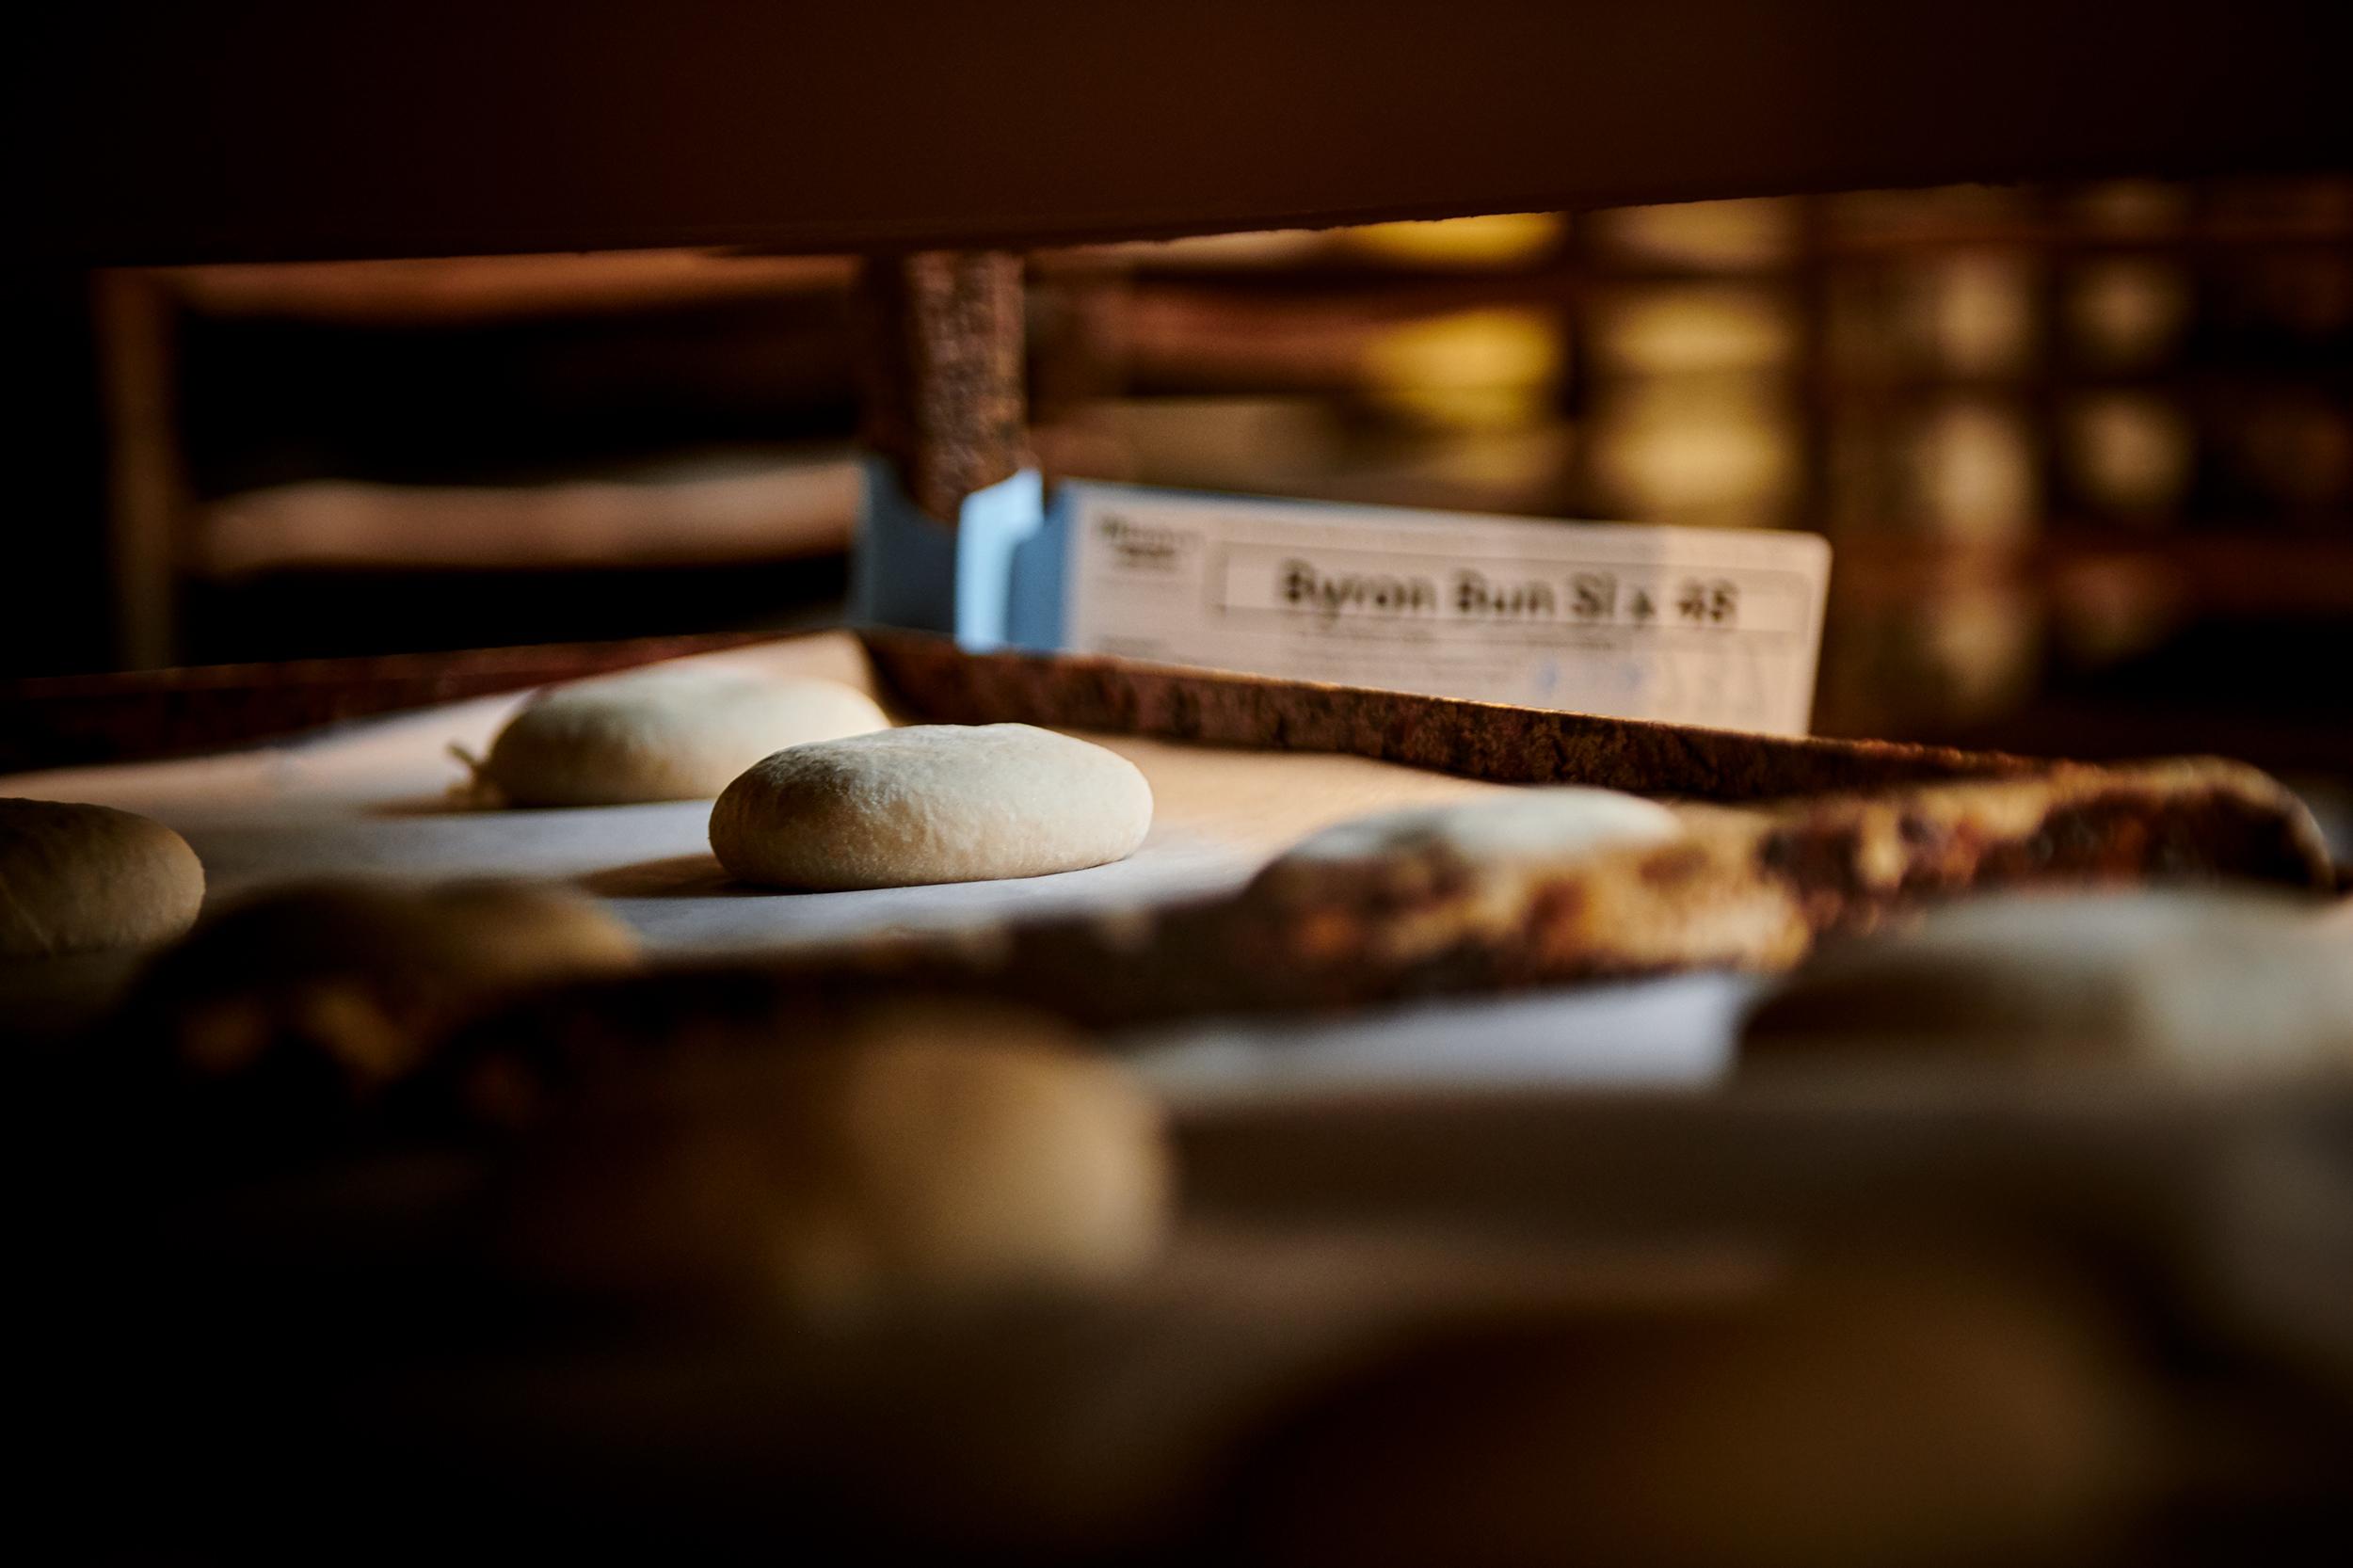 190307_byron_bread2015.jpg